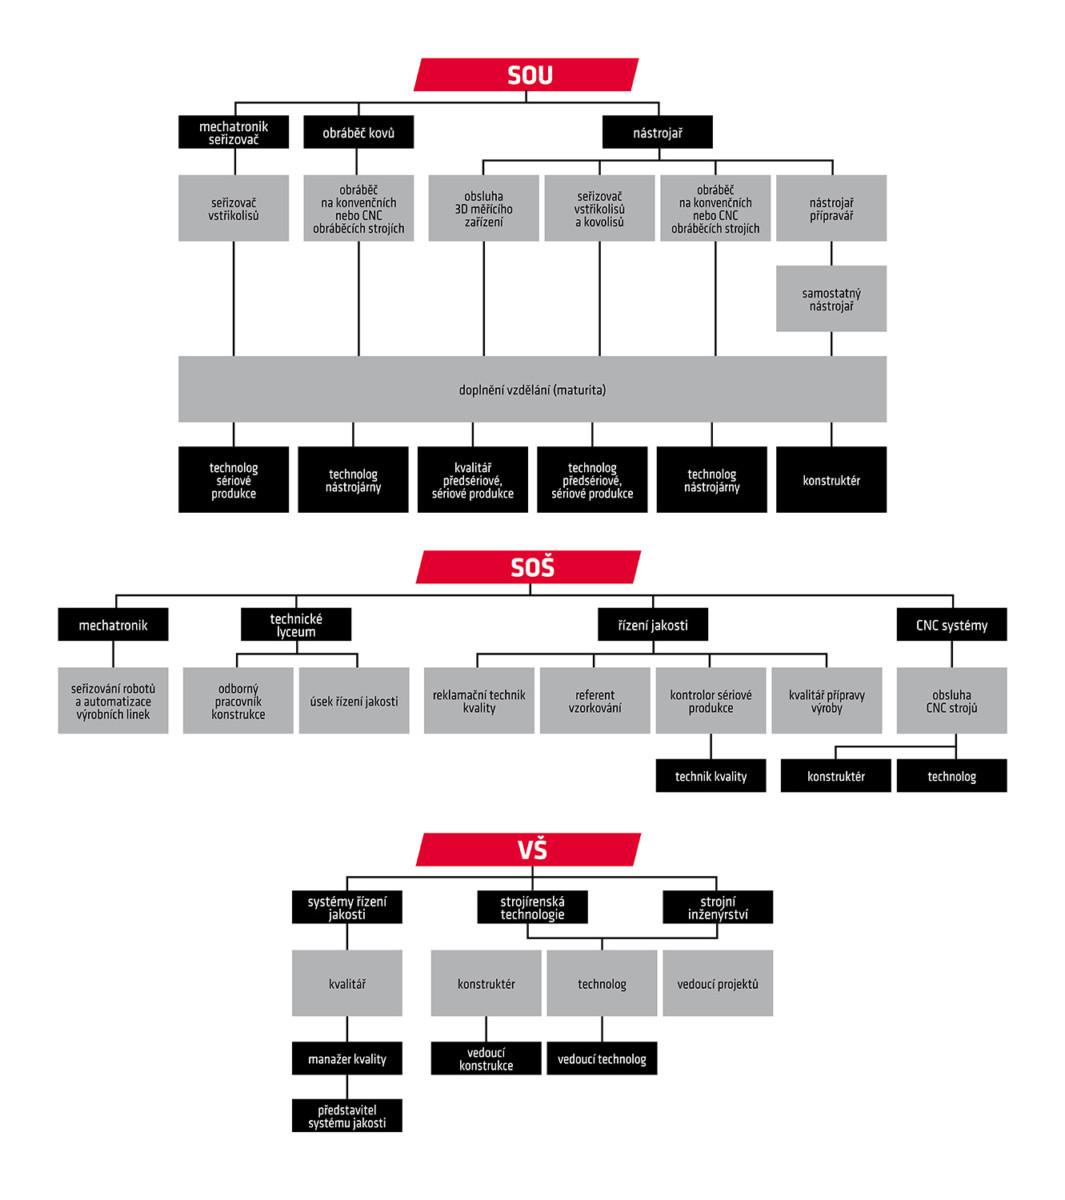 struktura zaměstnanců forez